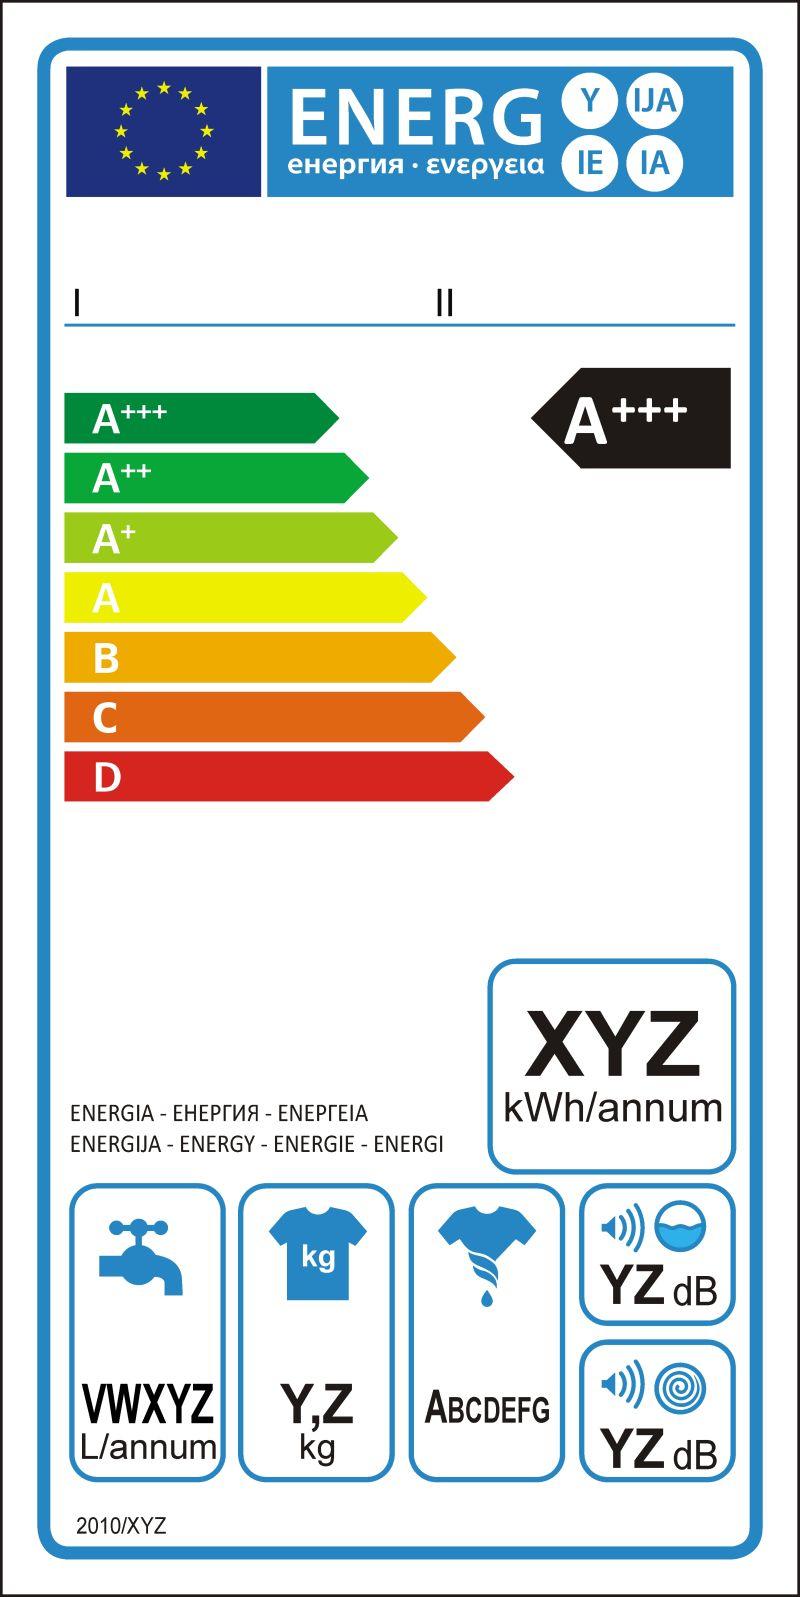 洗衣机新能源评级图形标签矢量